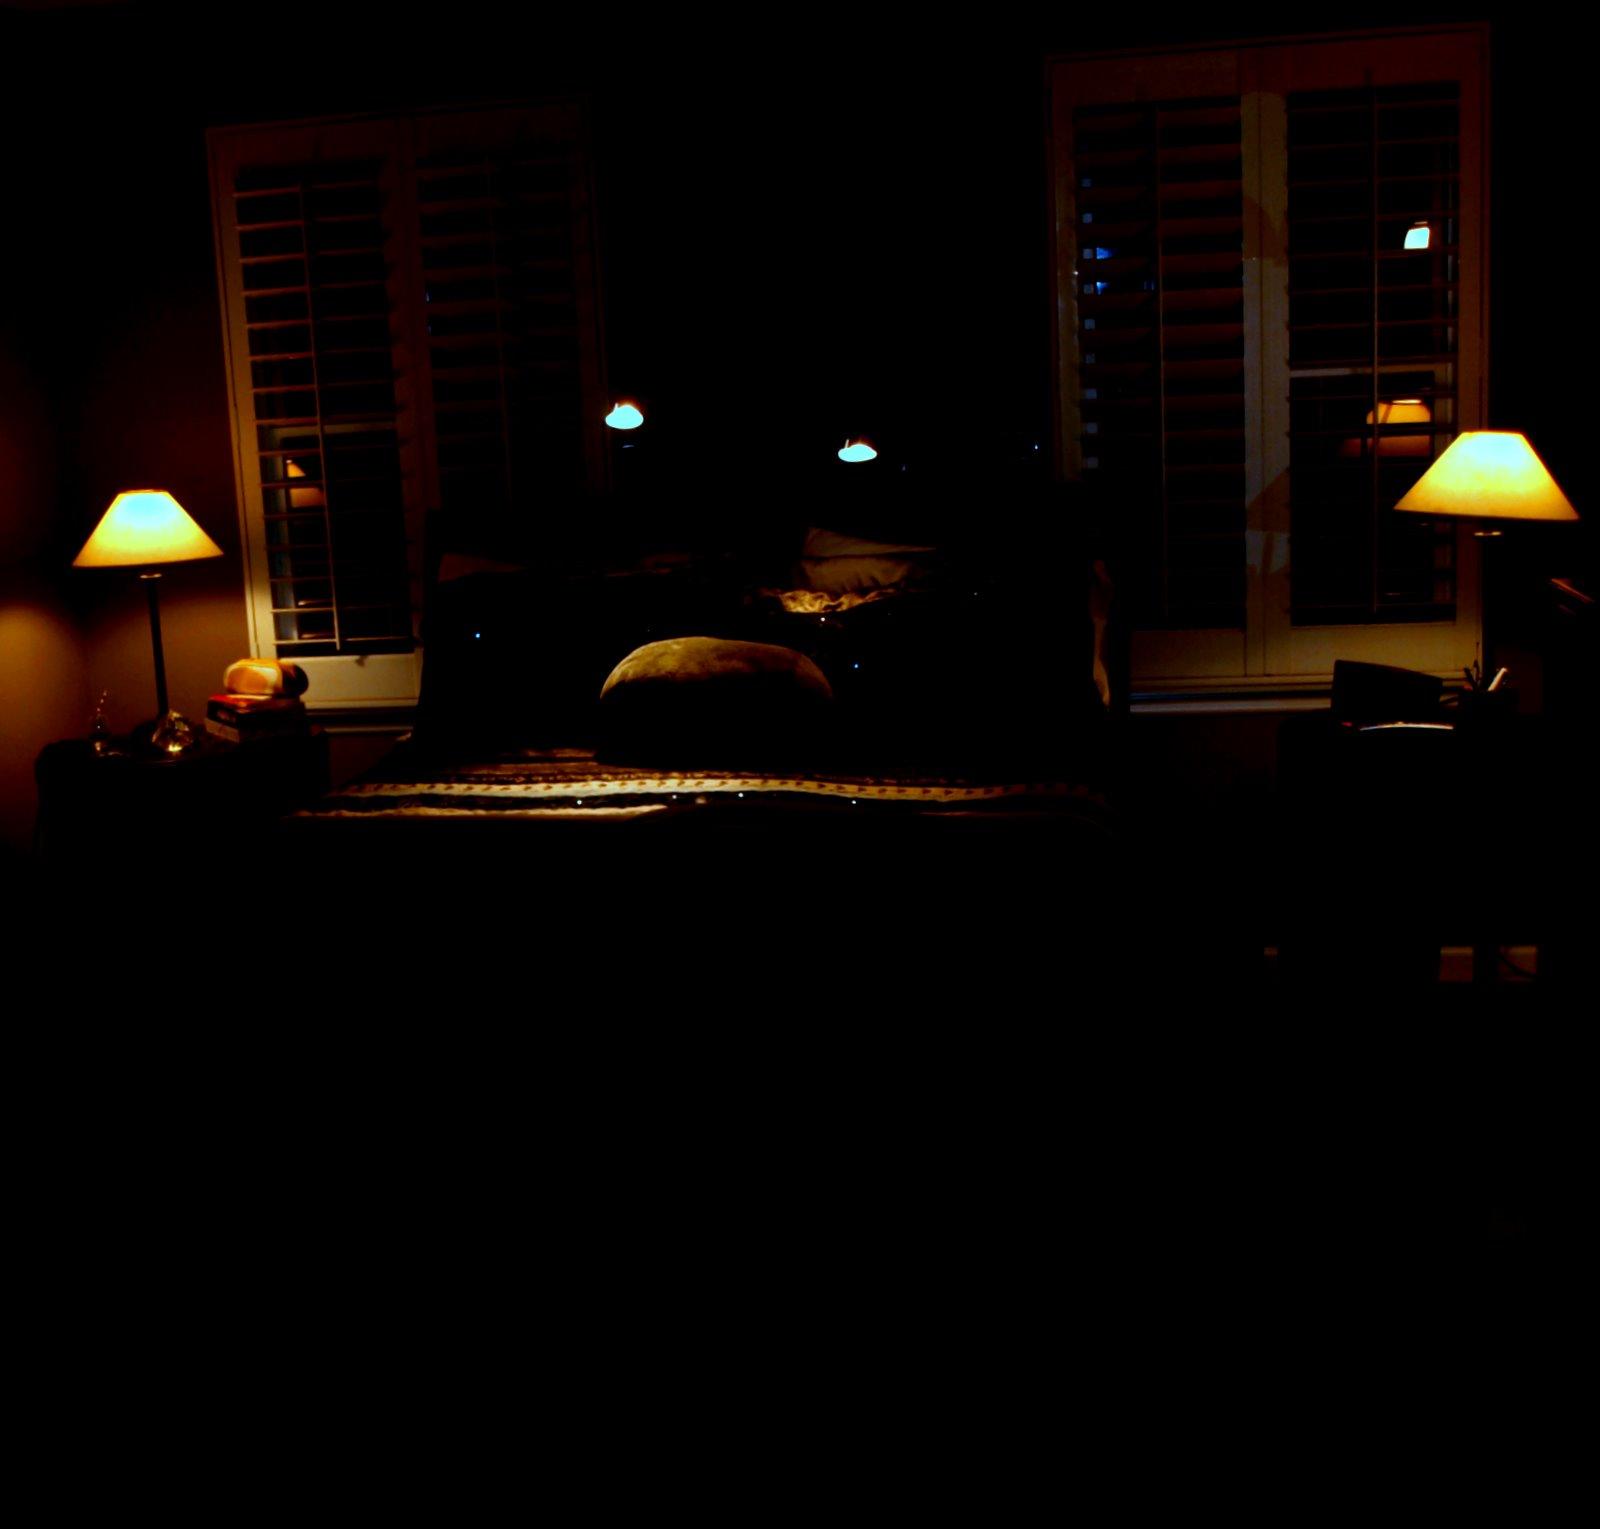 Stock Detail Dark Bedroom Official Psds